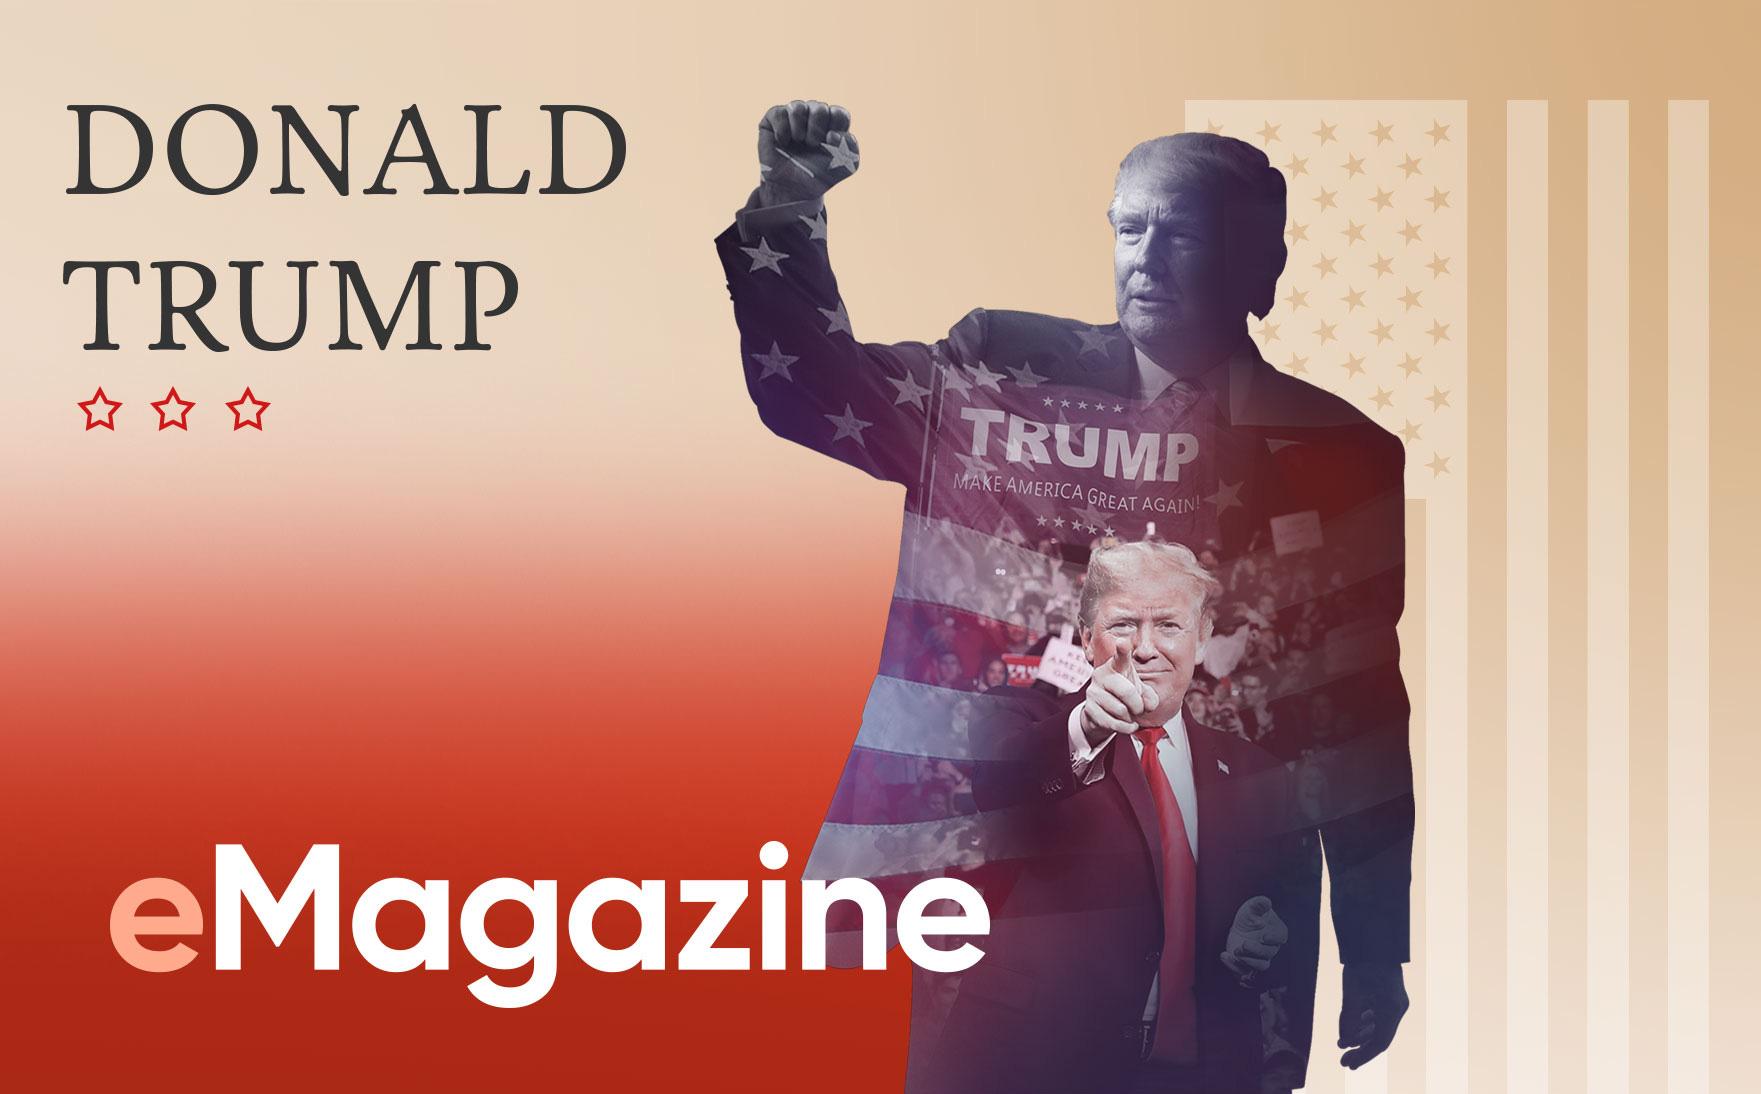 Tạm biệt Donald Trump: Khép lại 4 năm khác biệt trong lịch sử nước Mỹ